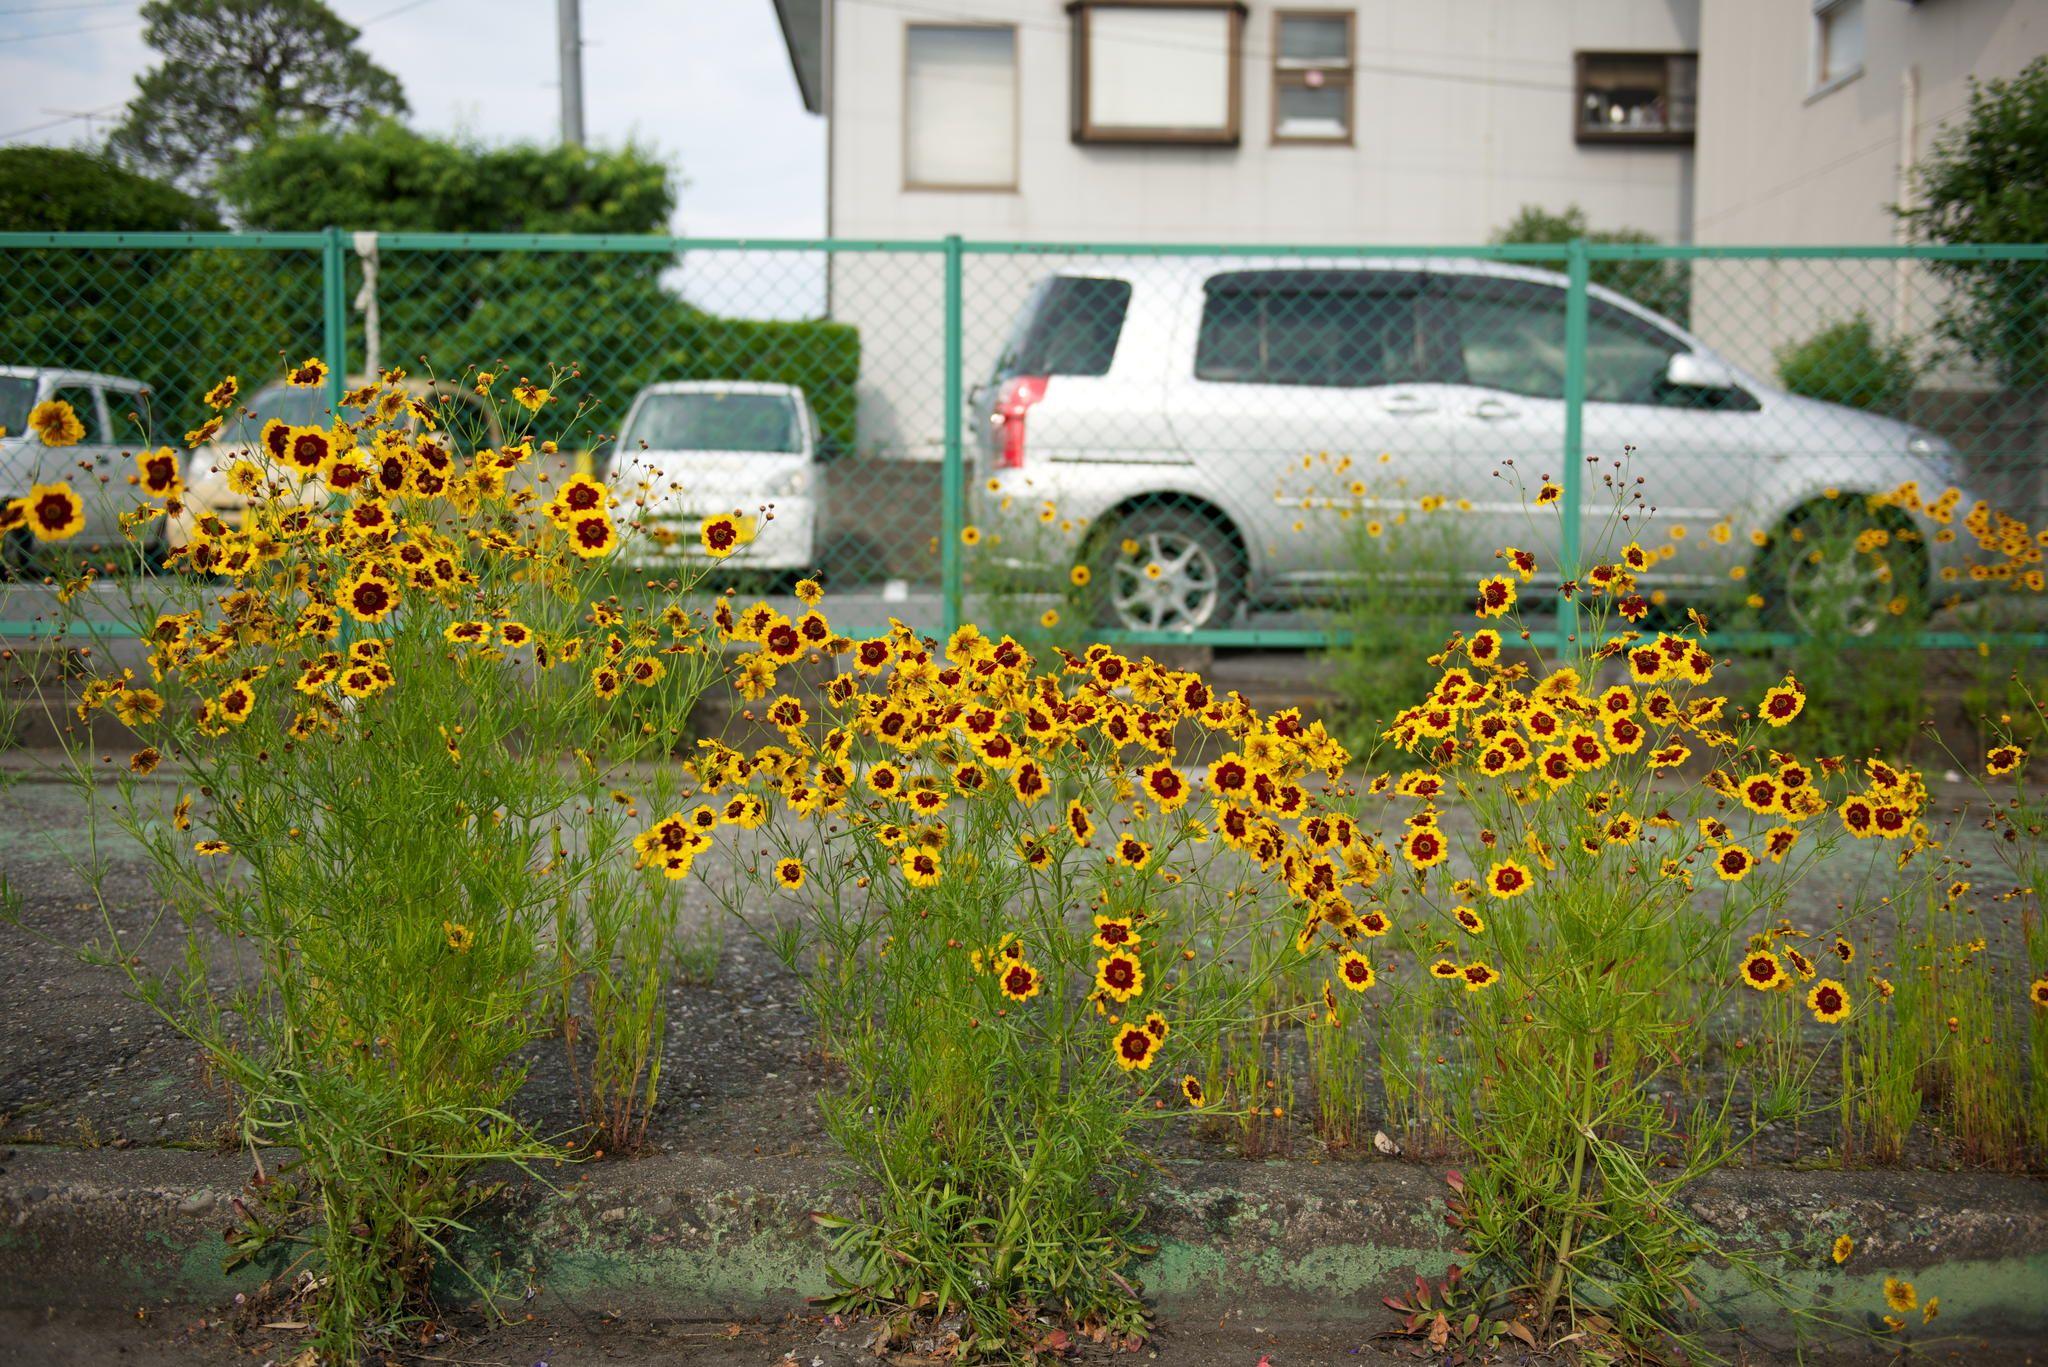 roadside flowers by Tedd Okano on 500px